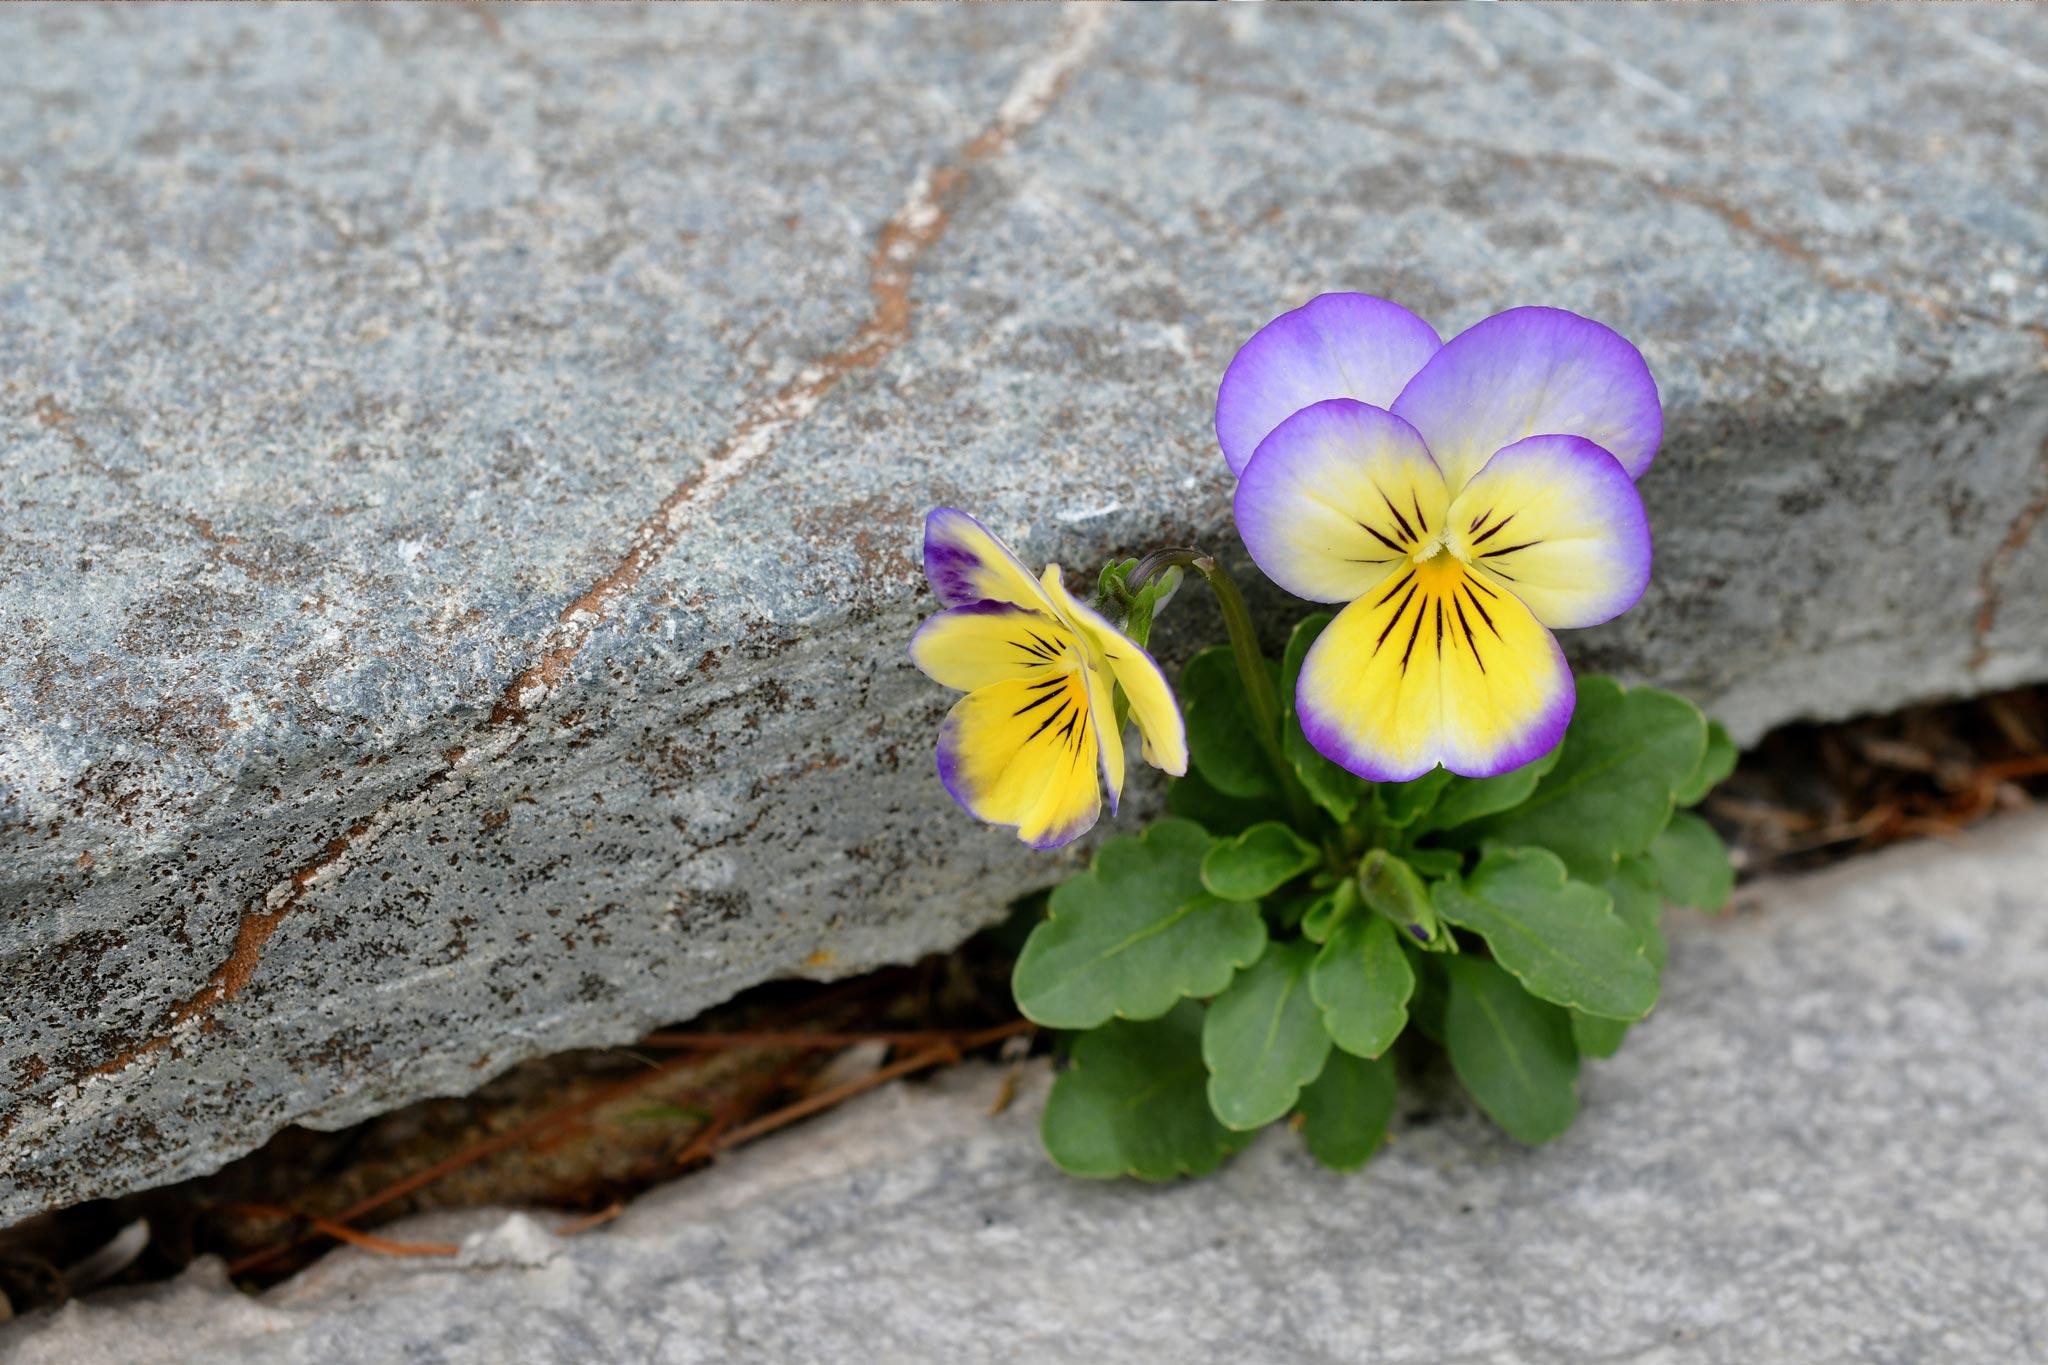 Resilience: Zorluklarla Başa Çıkmanın Değeri